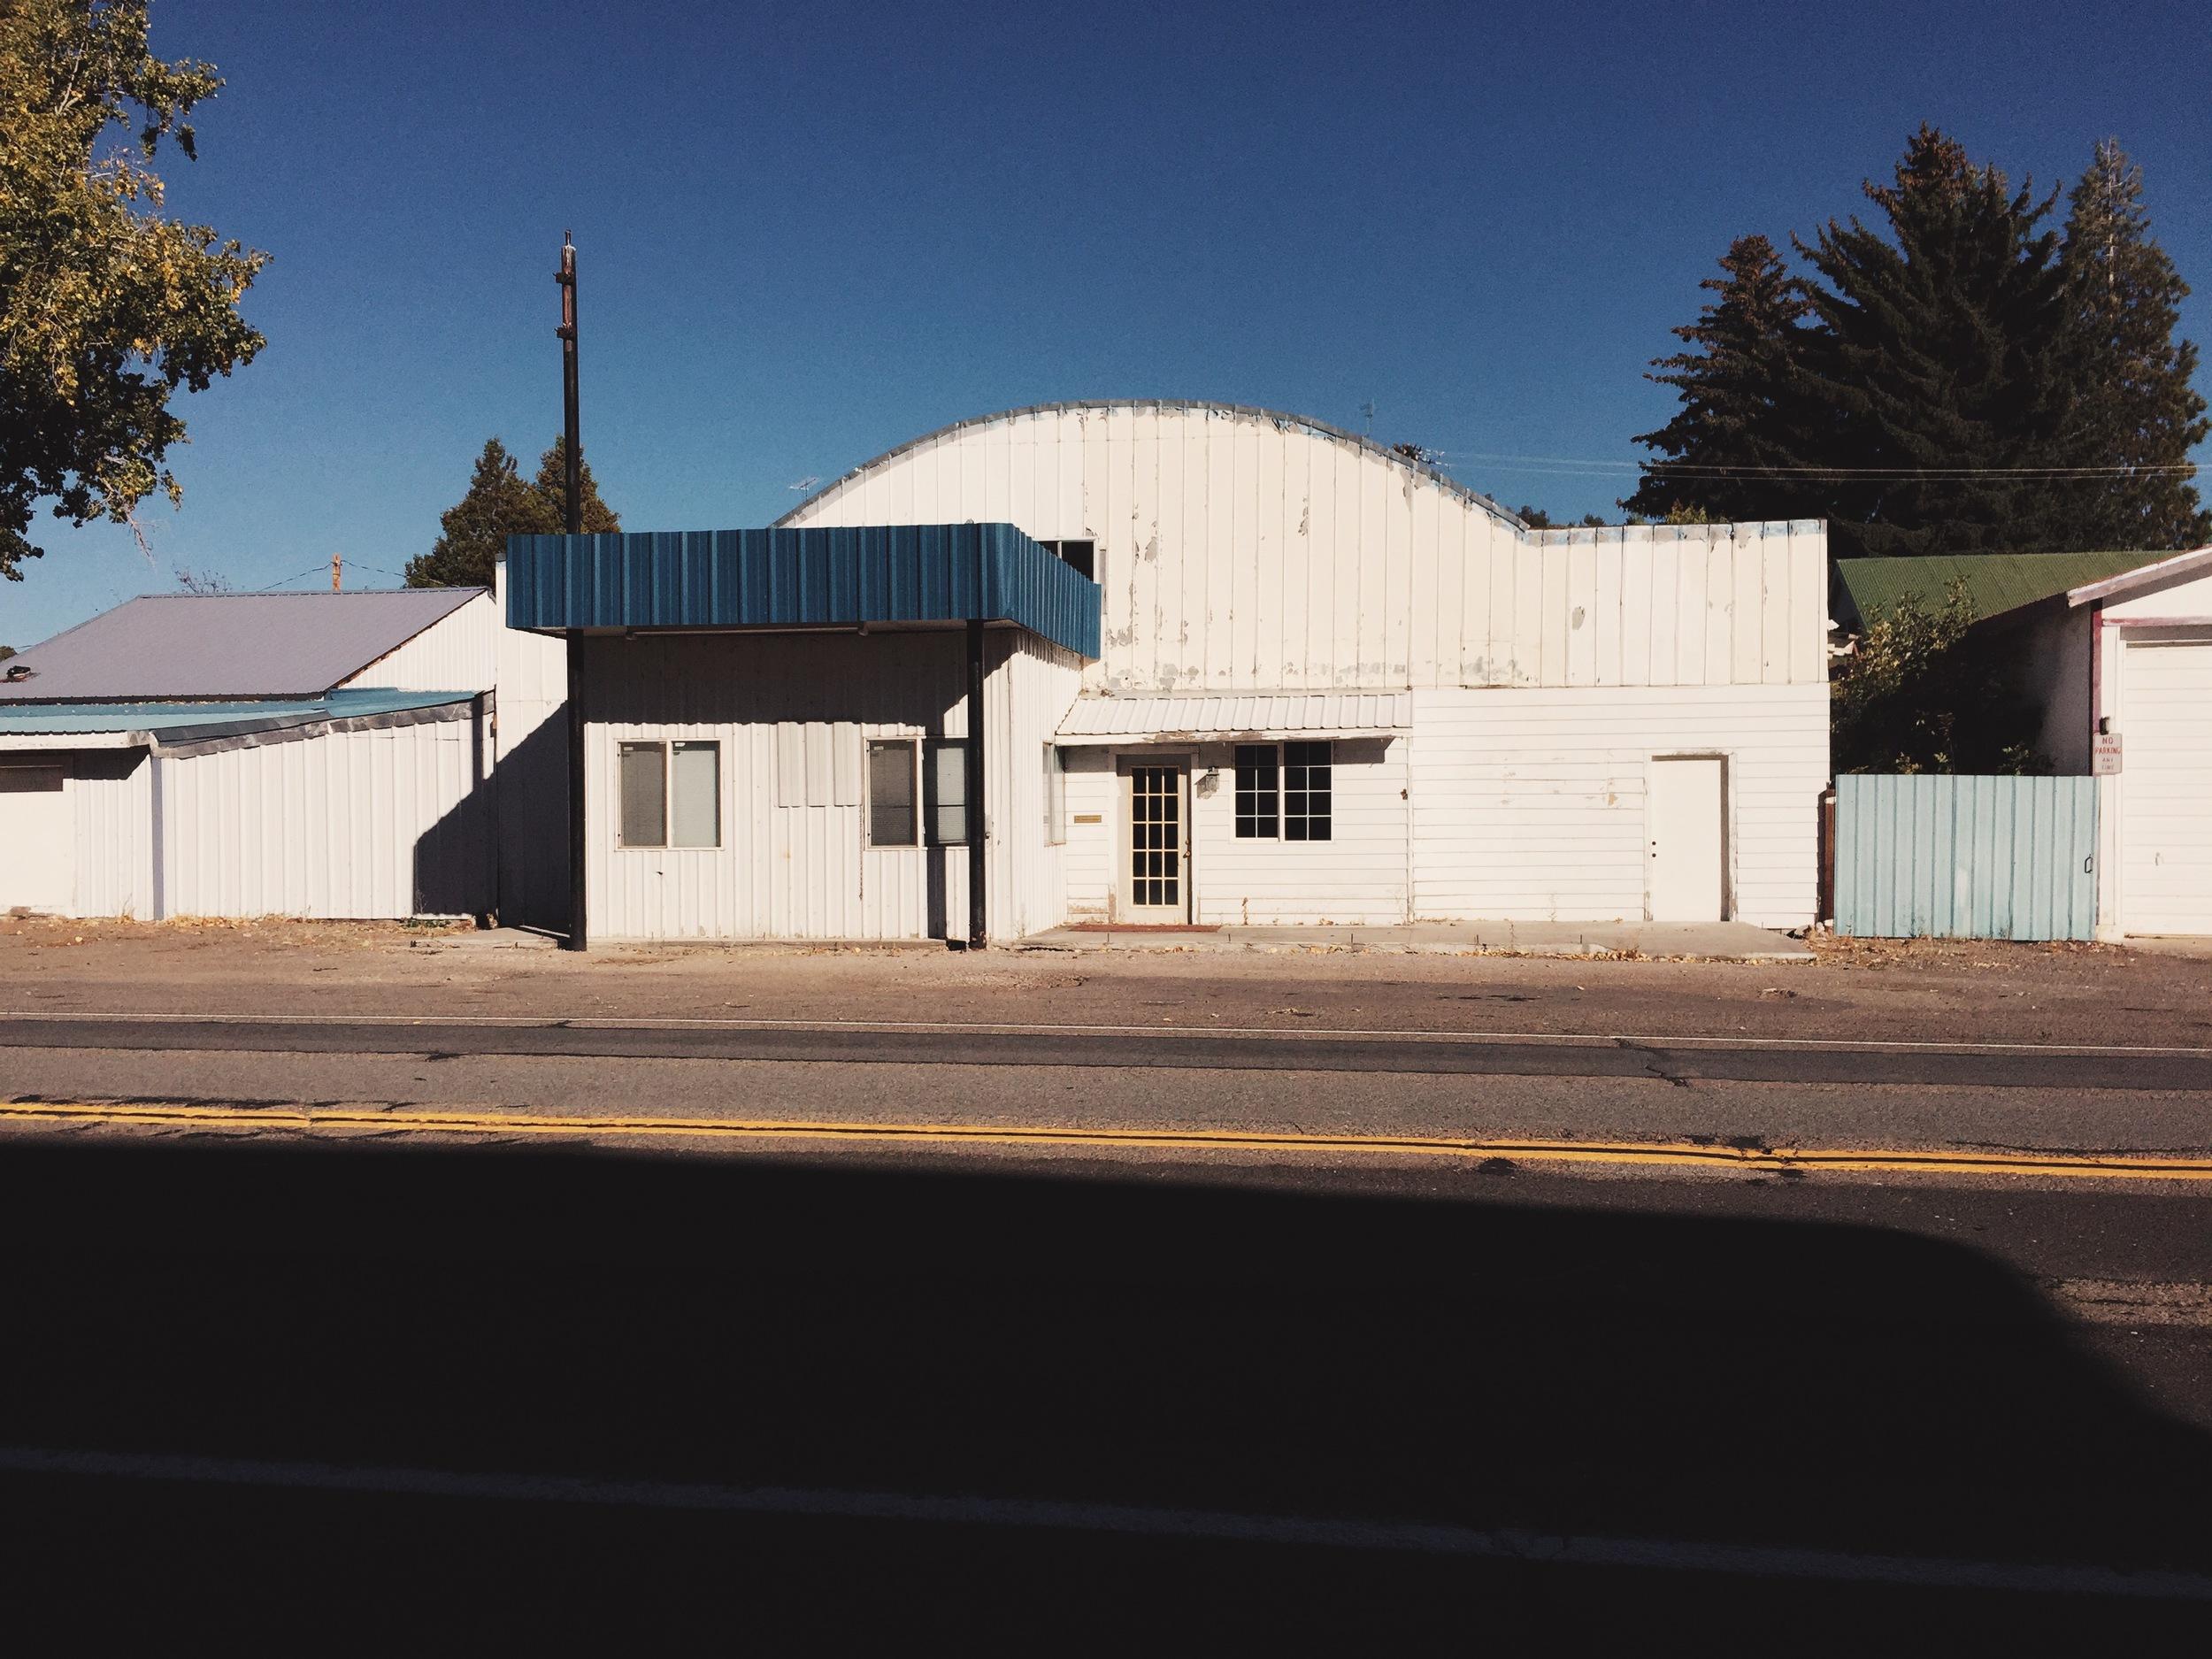 Adin, CA (photo by Goo)